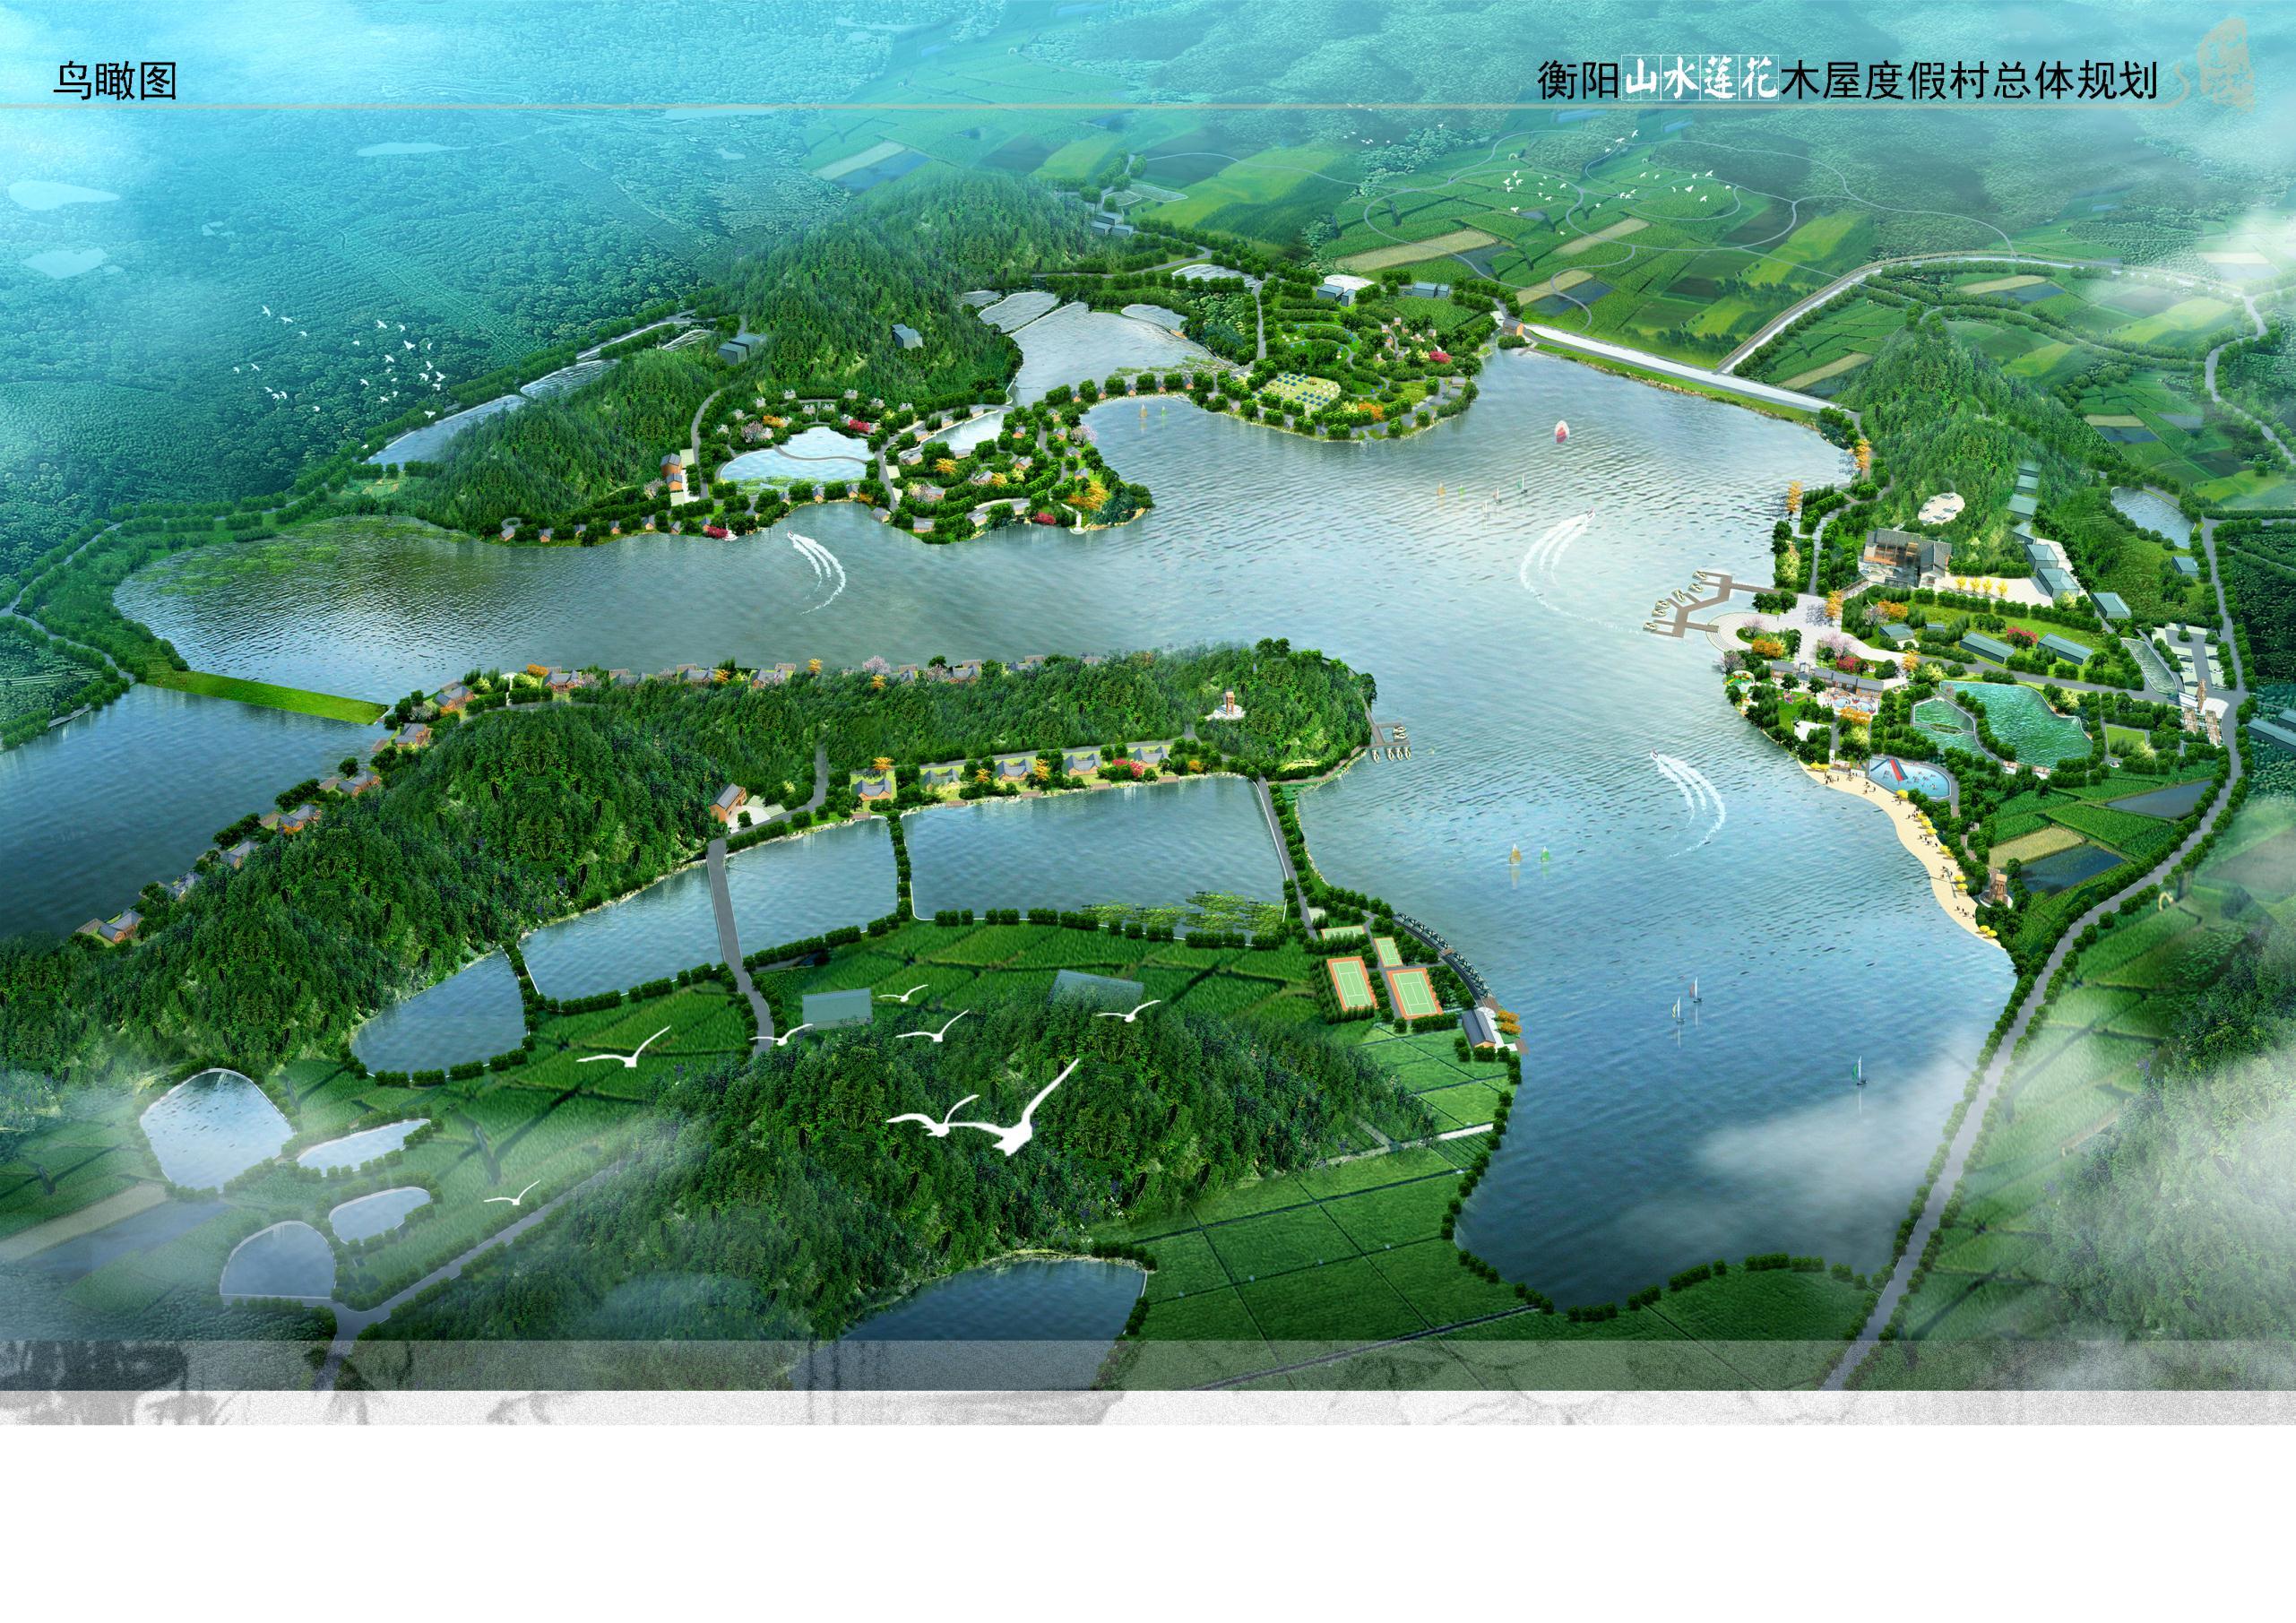 湖南衡阳山水莲花木屋度假村休闲农业总体规划